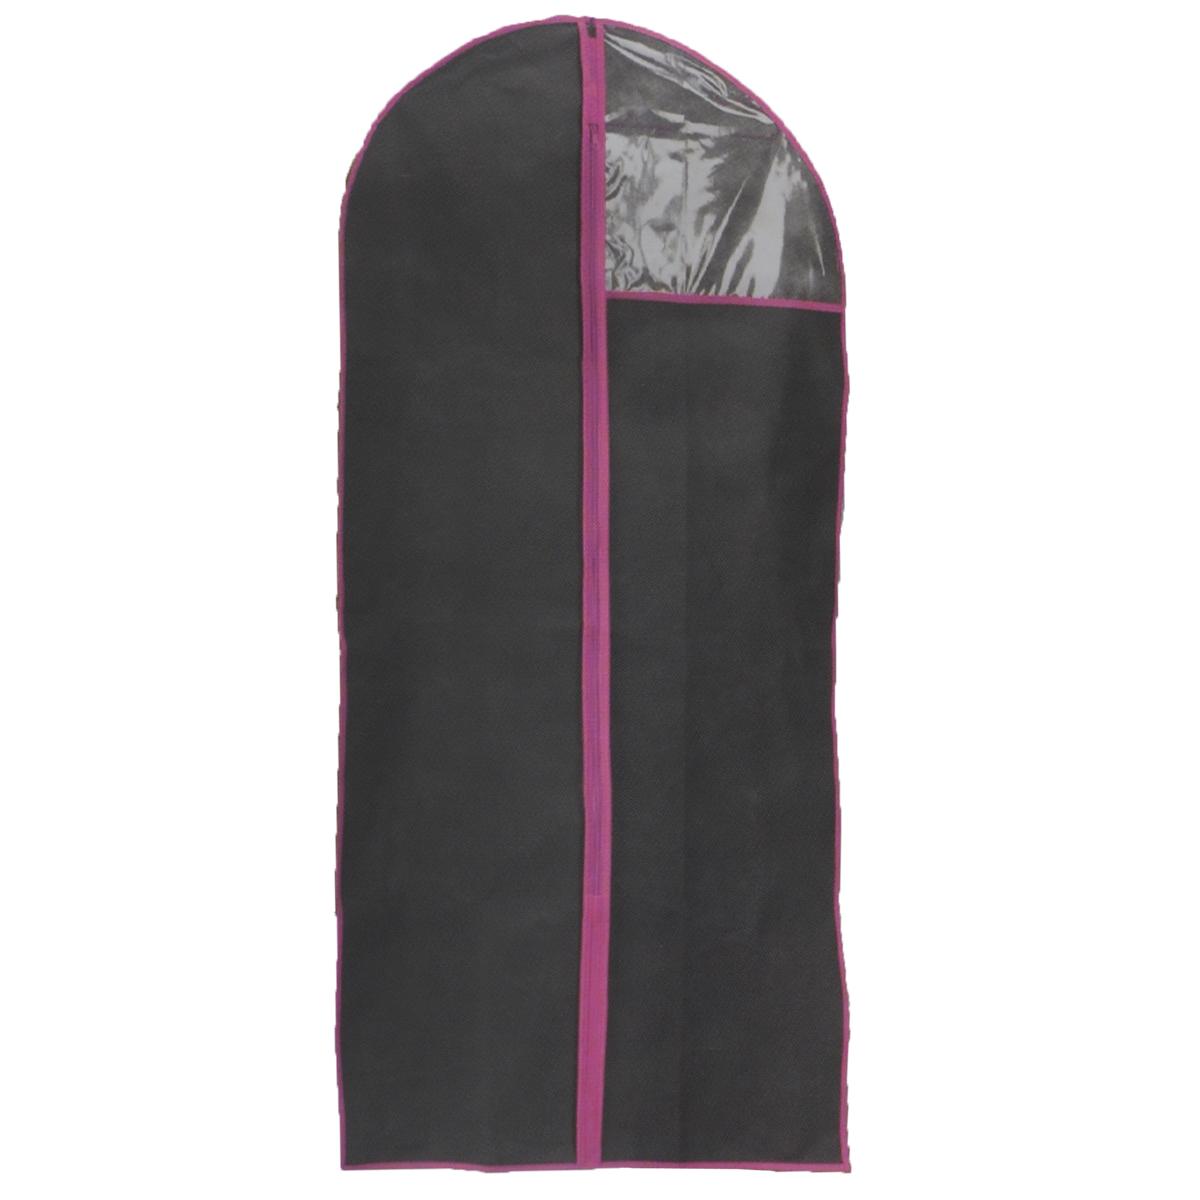 Чехол для одежды, цвет: черный, 60 см х 120 смFS-6502M-WЧехол для одежды изготовлен из высококачественного нетканого материала. Особое строение полотна создает естественную вентиляцию: материал дышит и позволяет воздуху свободно проникать внутрь чехла, не пропуская пыль. Благодаря форме чехла, одежда не мнется даже при длительном хранении. Застегивается на молнию. Окошко из пластика позволяет увидеть, какие вещи находятся внутри. Чехол для одежды будет очень полезен при транспортировке вещей на близкие и дальние расстояния, при длительном хранении сезонной одежды, а также при ежедневном хранении вещей из деликатных тканей. Чехол для одежды не только защитит ваши вещи от пыли и влаги, но и поможет доставить одежду на любое мероприятие в идеальном состоянии.